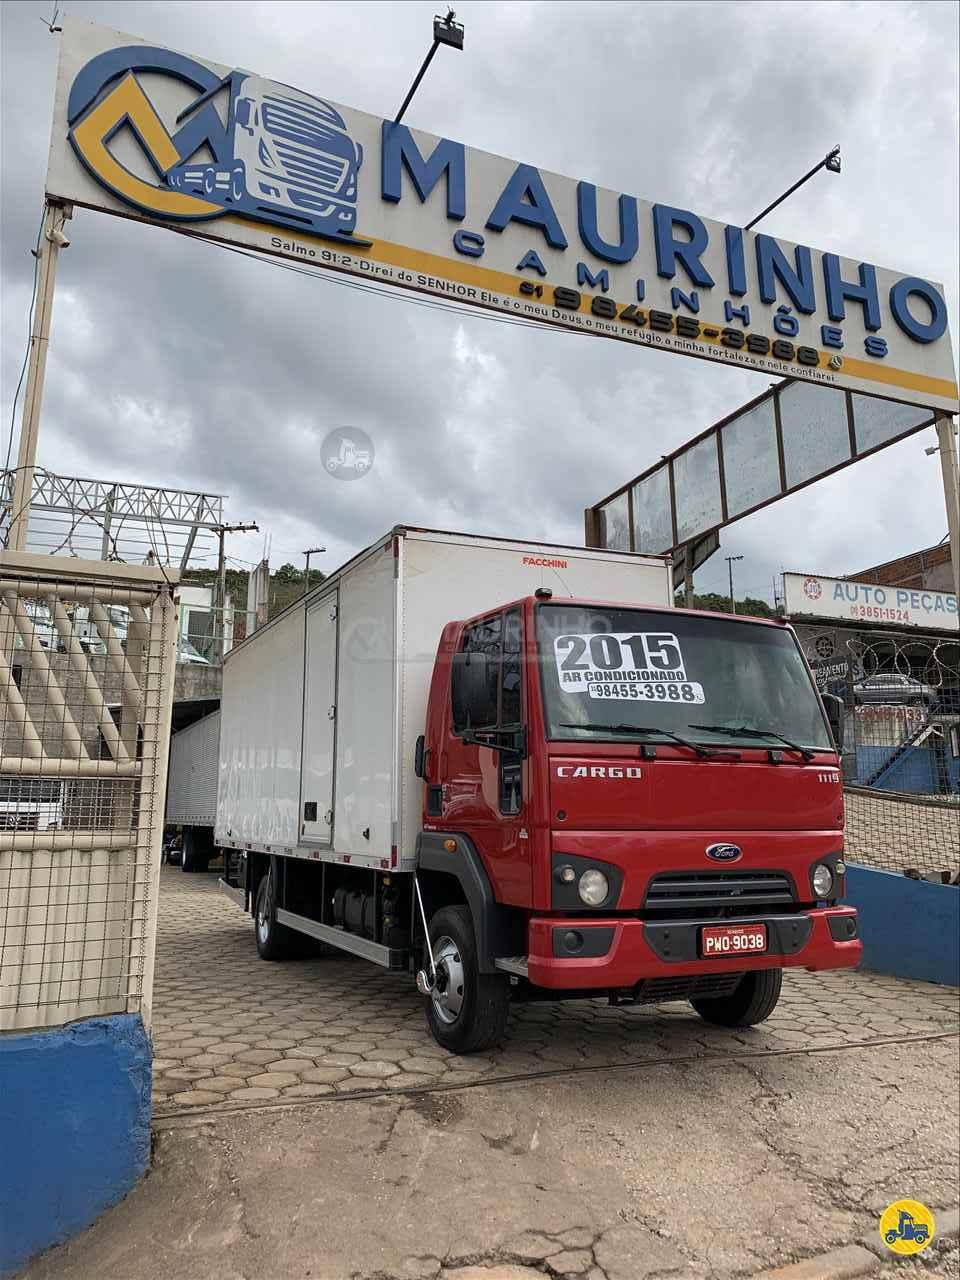 FORD CARGO 1119 196000km 2015/2015 Maurinho Caminhões